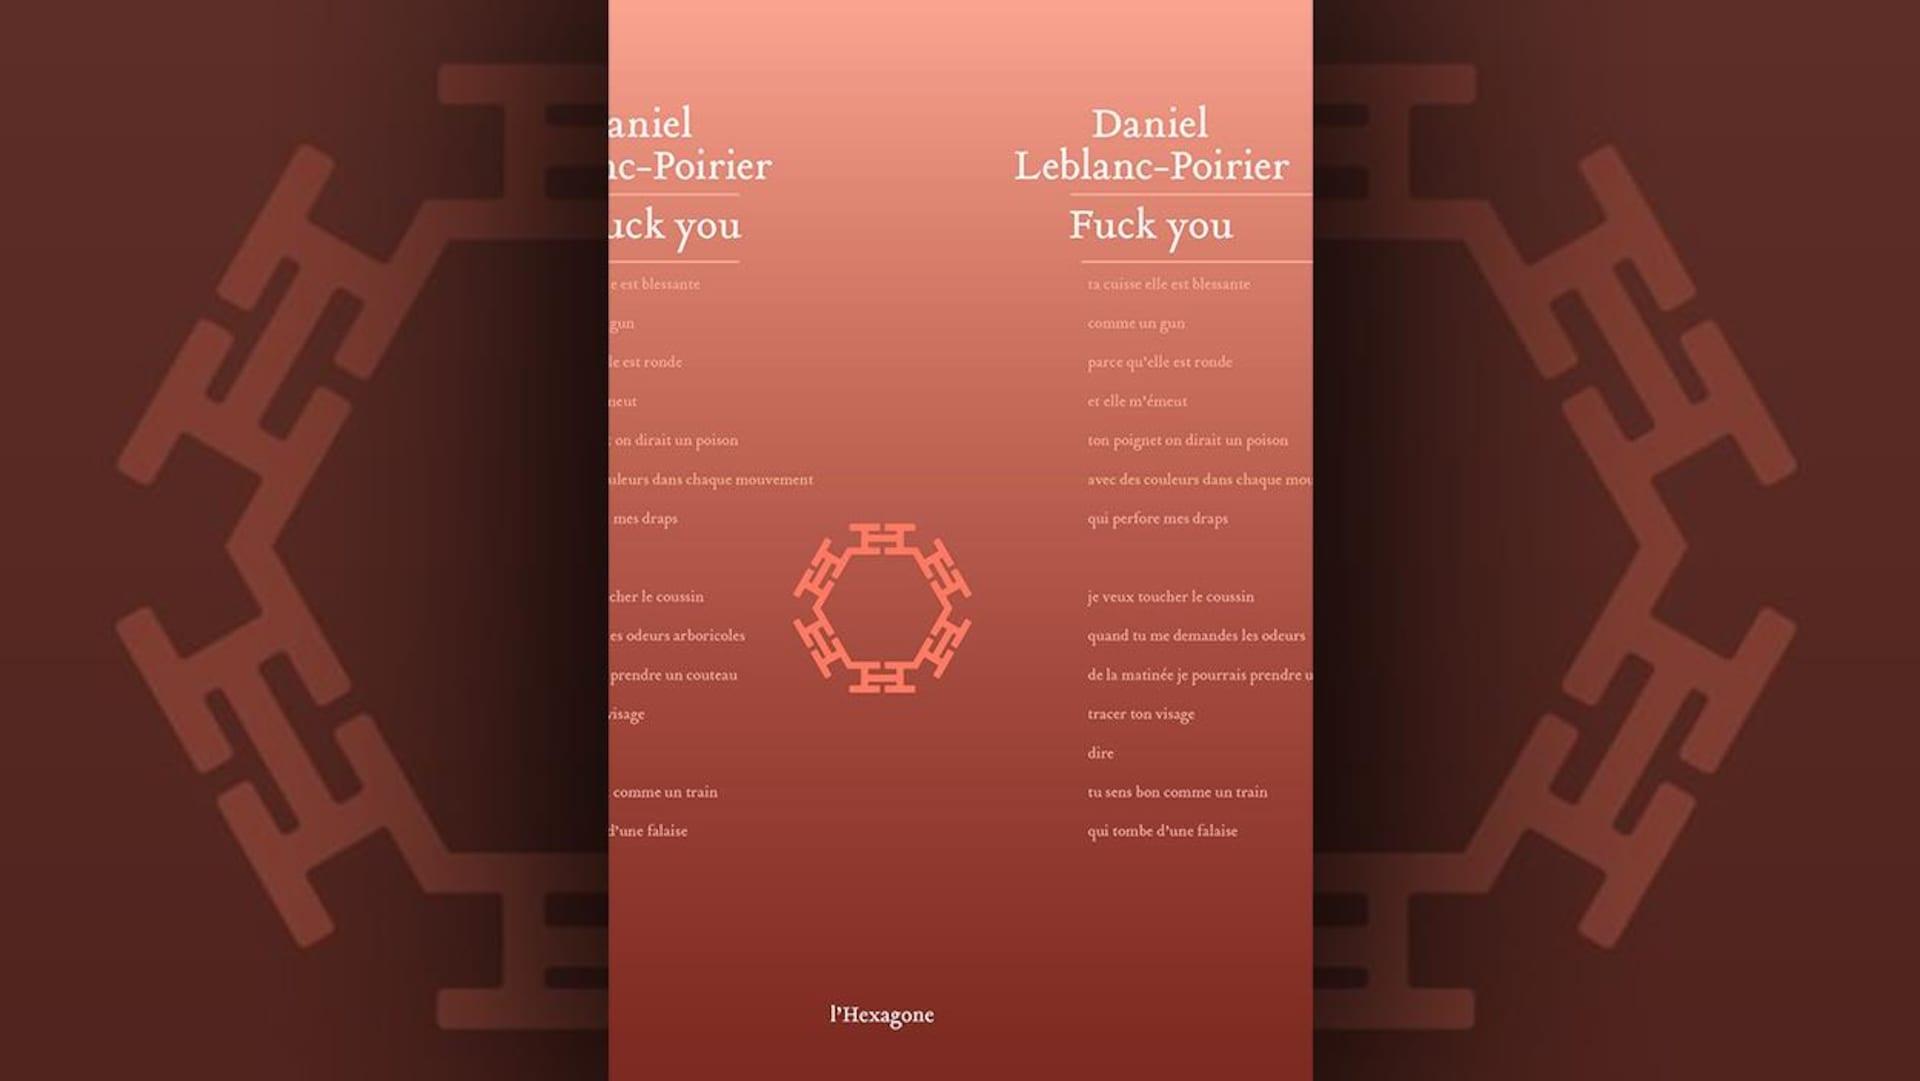 La couverture du livre  Fuck you , de Daniel Leblanc-Poirier, présente des extraits de poèmes sur un fond brique dégradé.